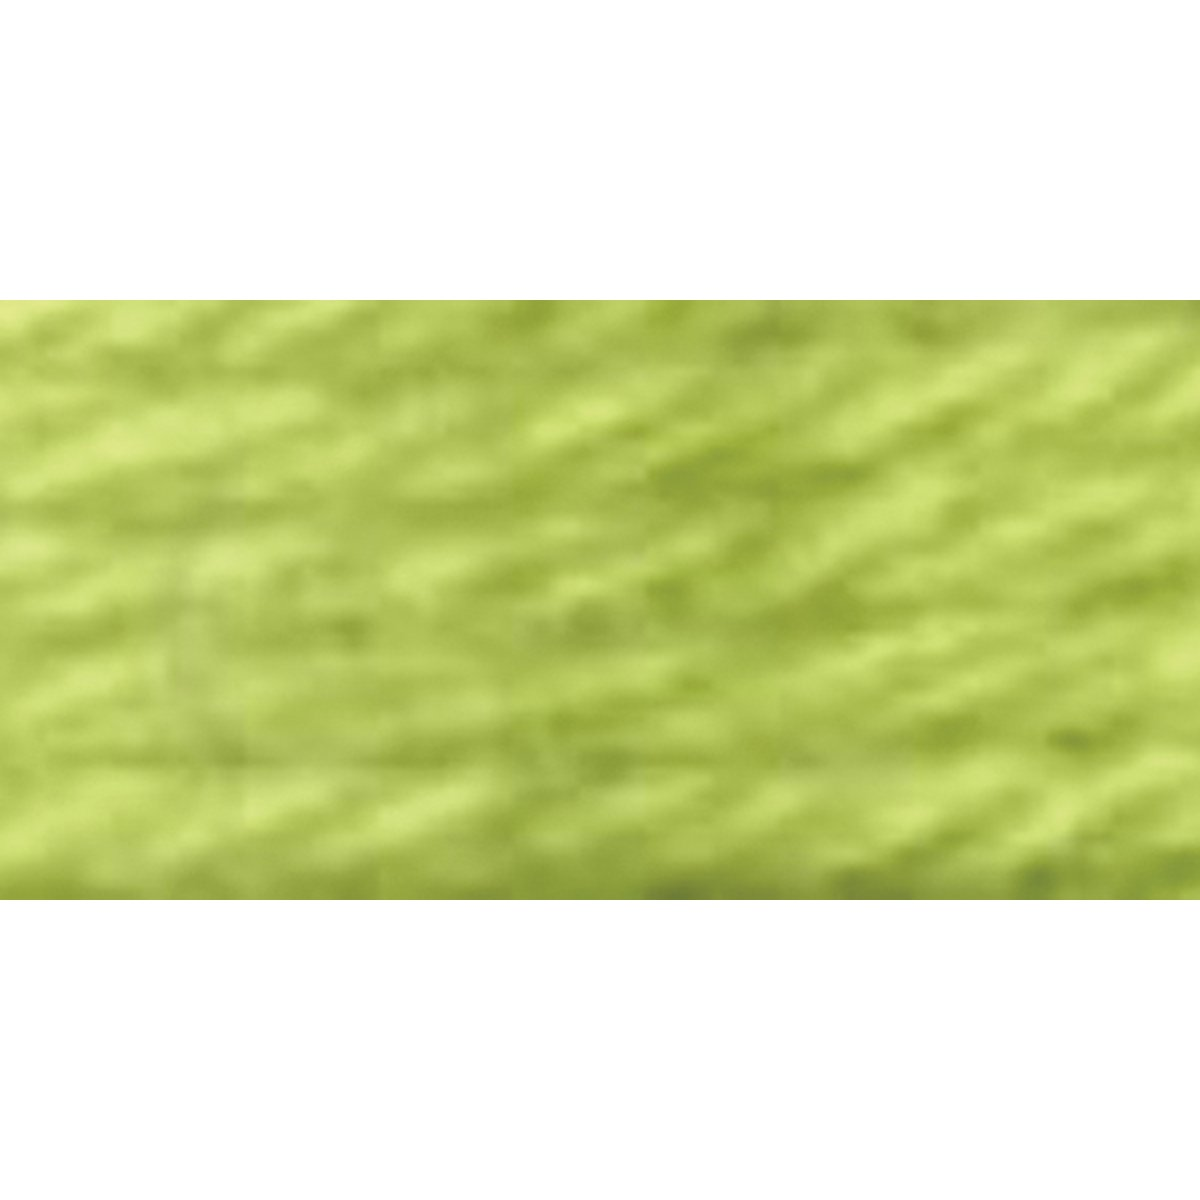 DMC タペストリー & 刺繍ウール 8.8 ヤード- B000W5EMJ8